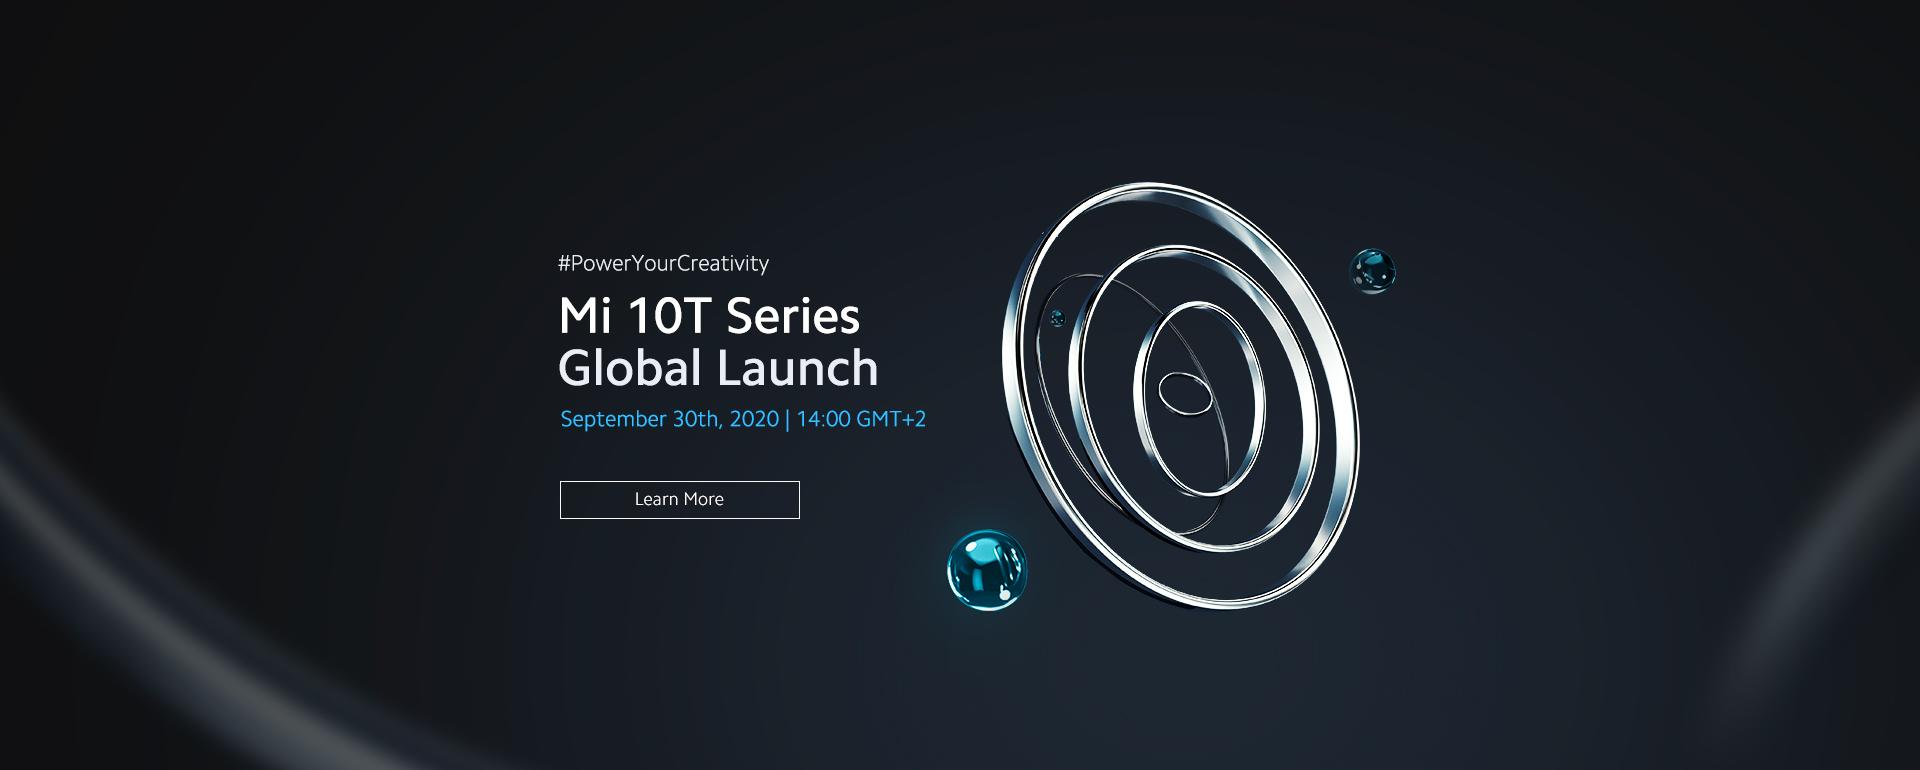 J3S launch